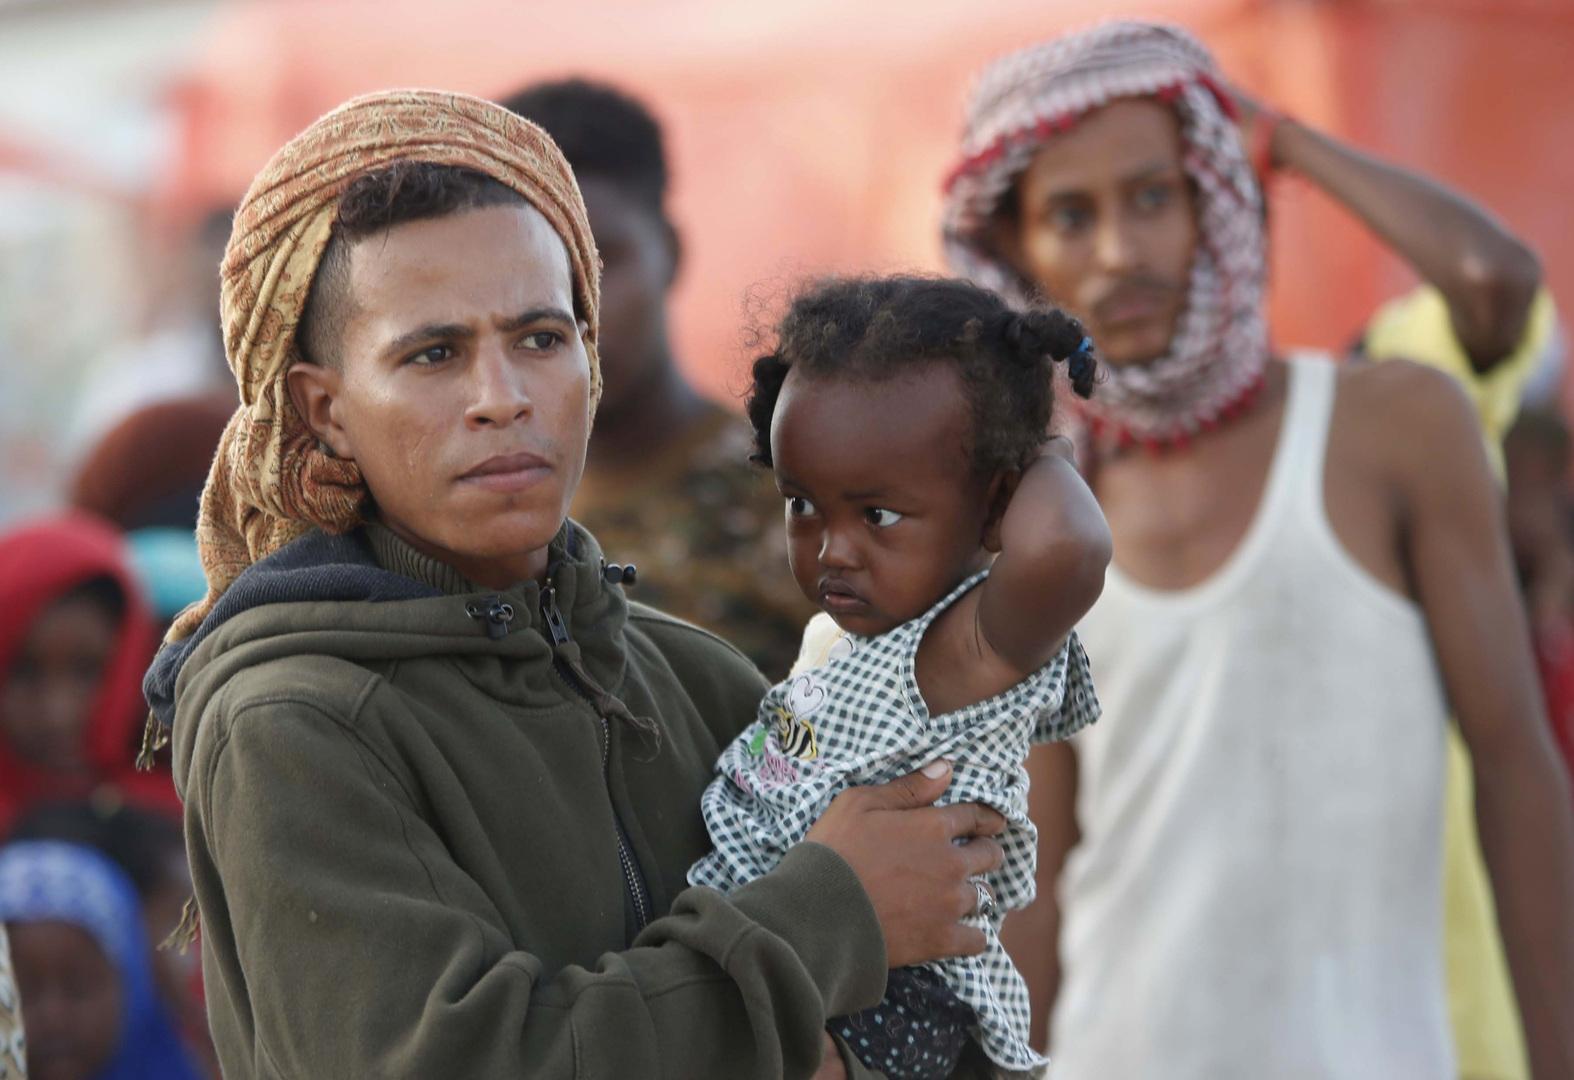 لاجئون يمنيون، أرشيف